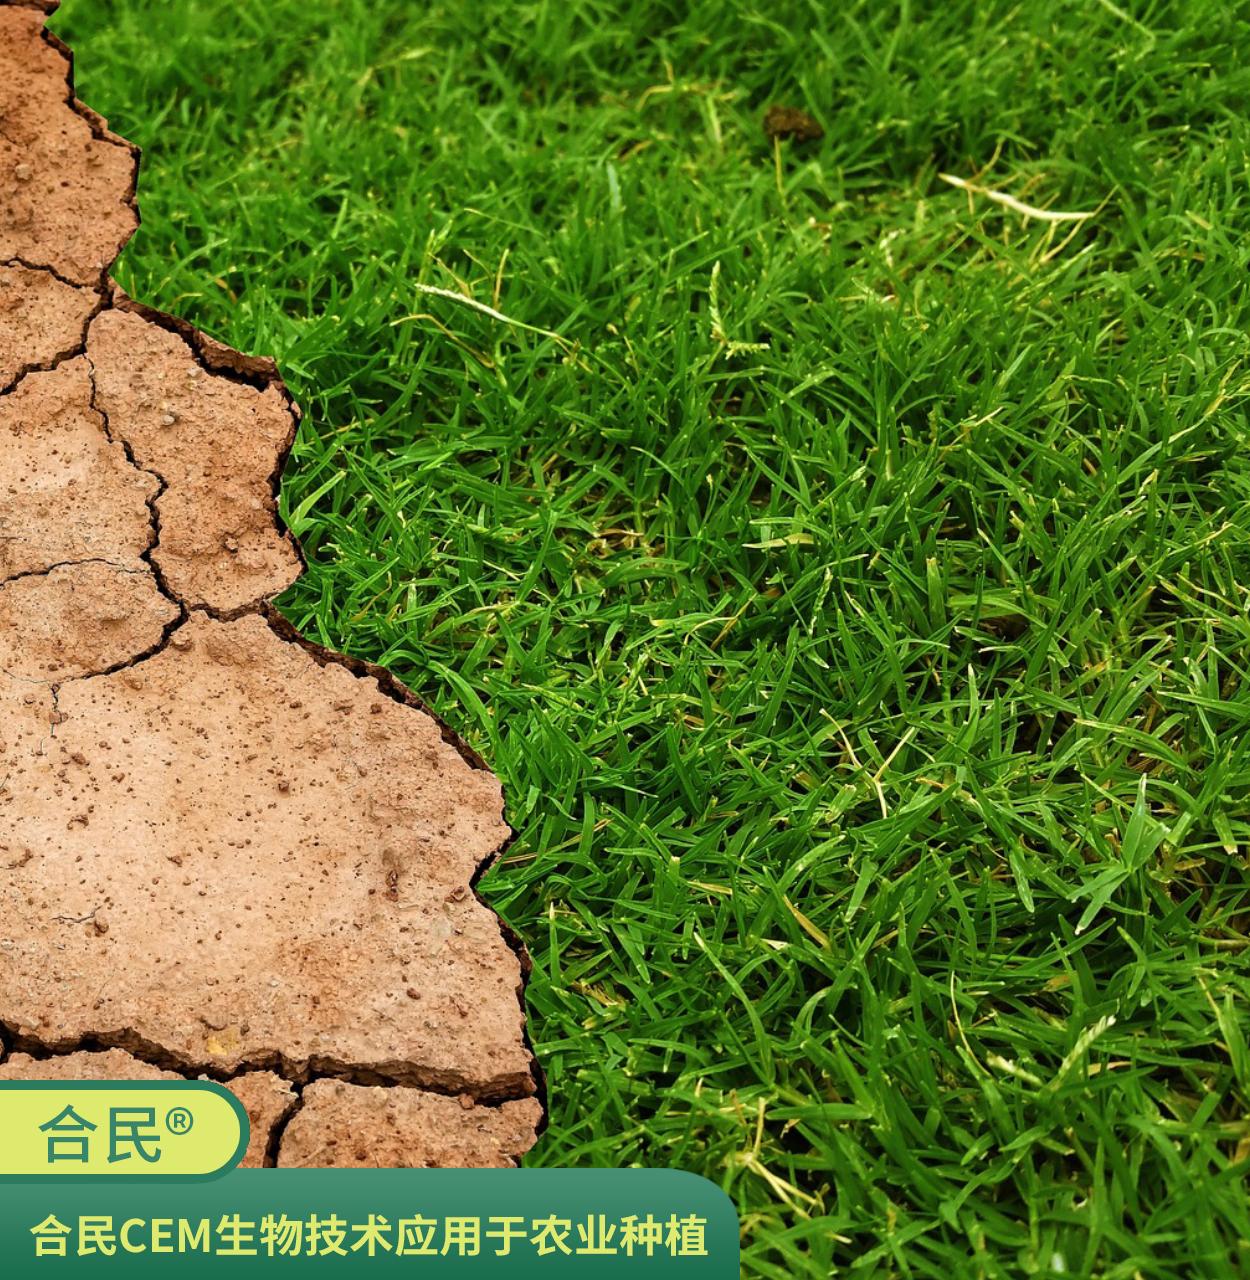 合民牌土壤提质液SEI-FV型